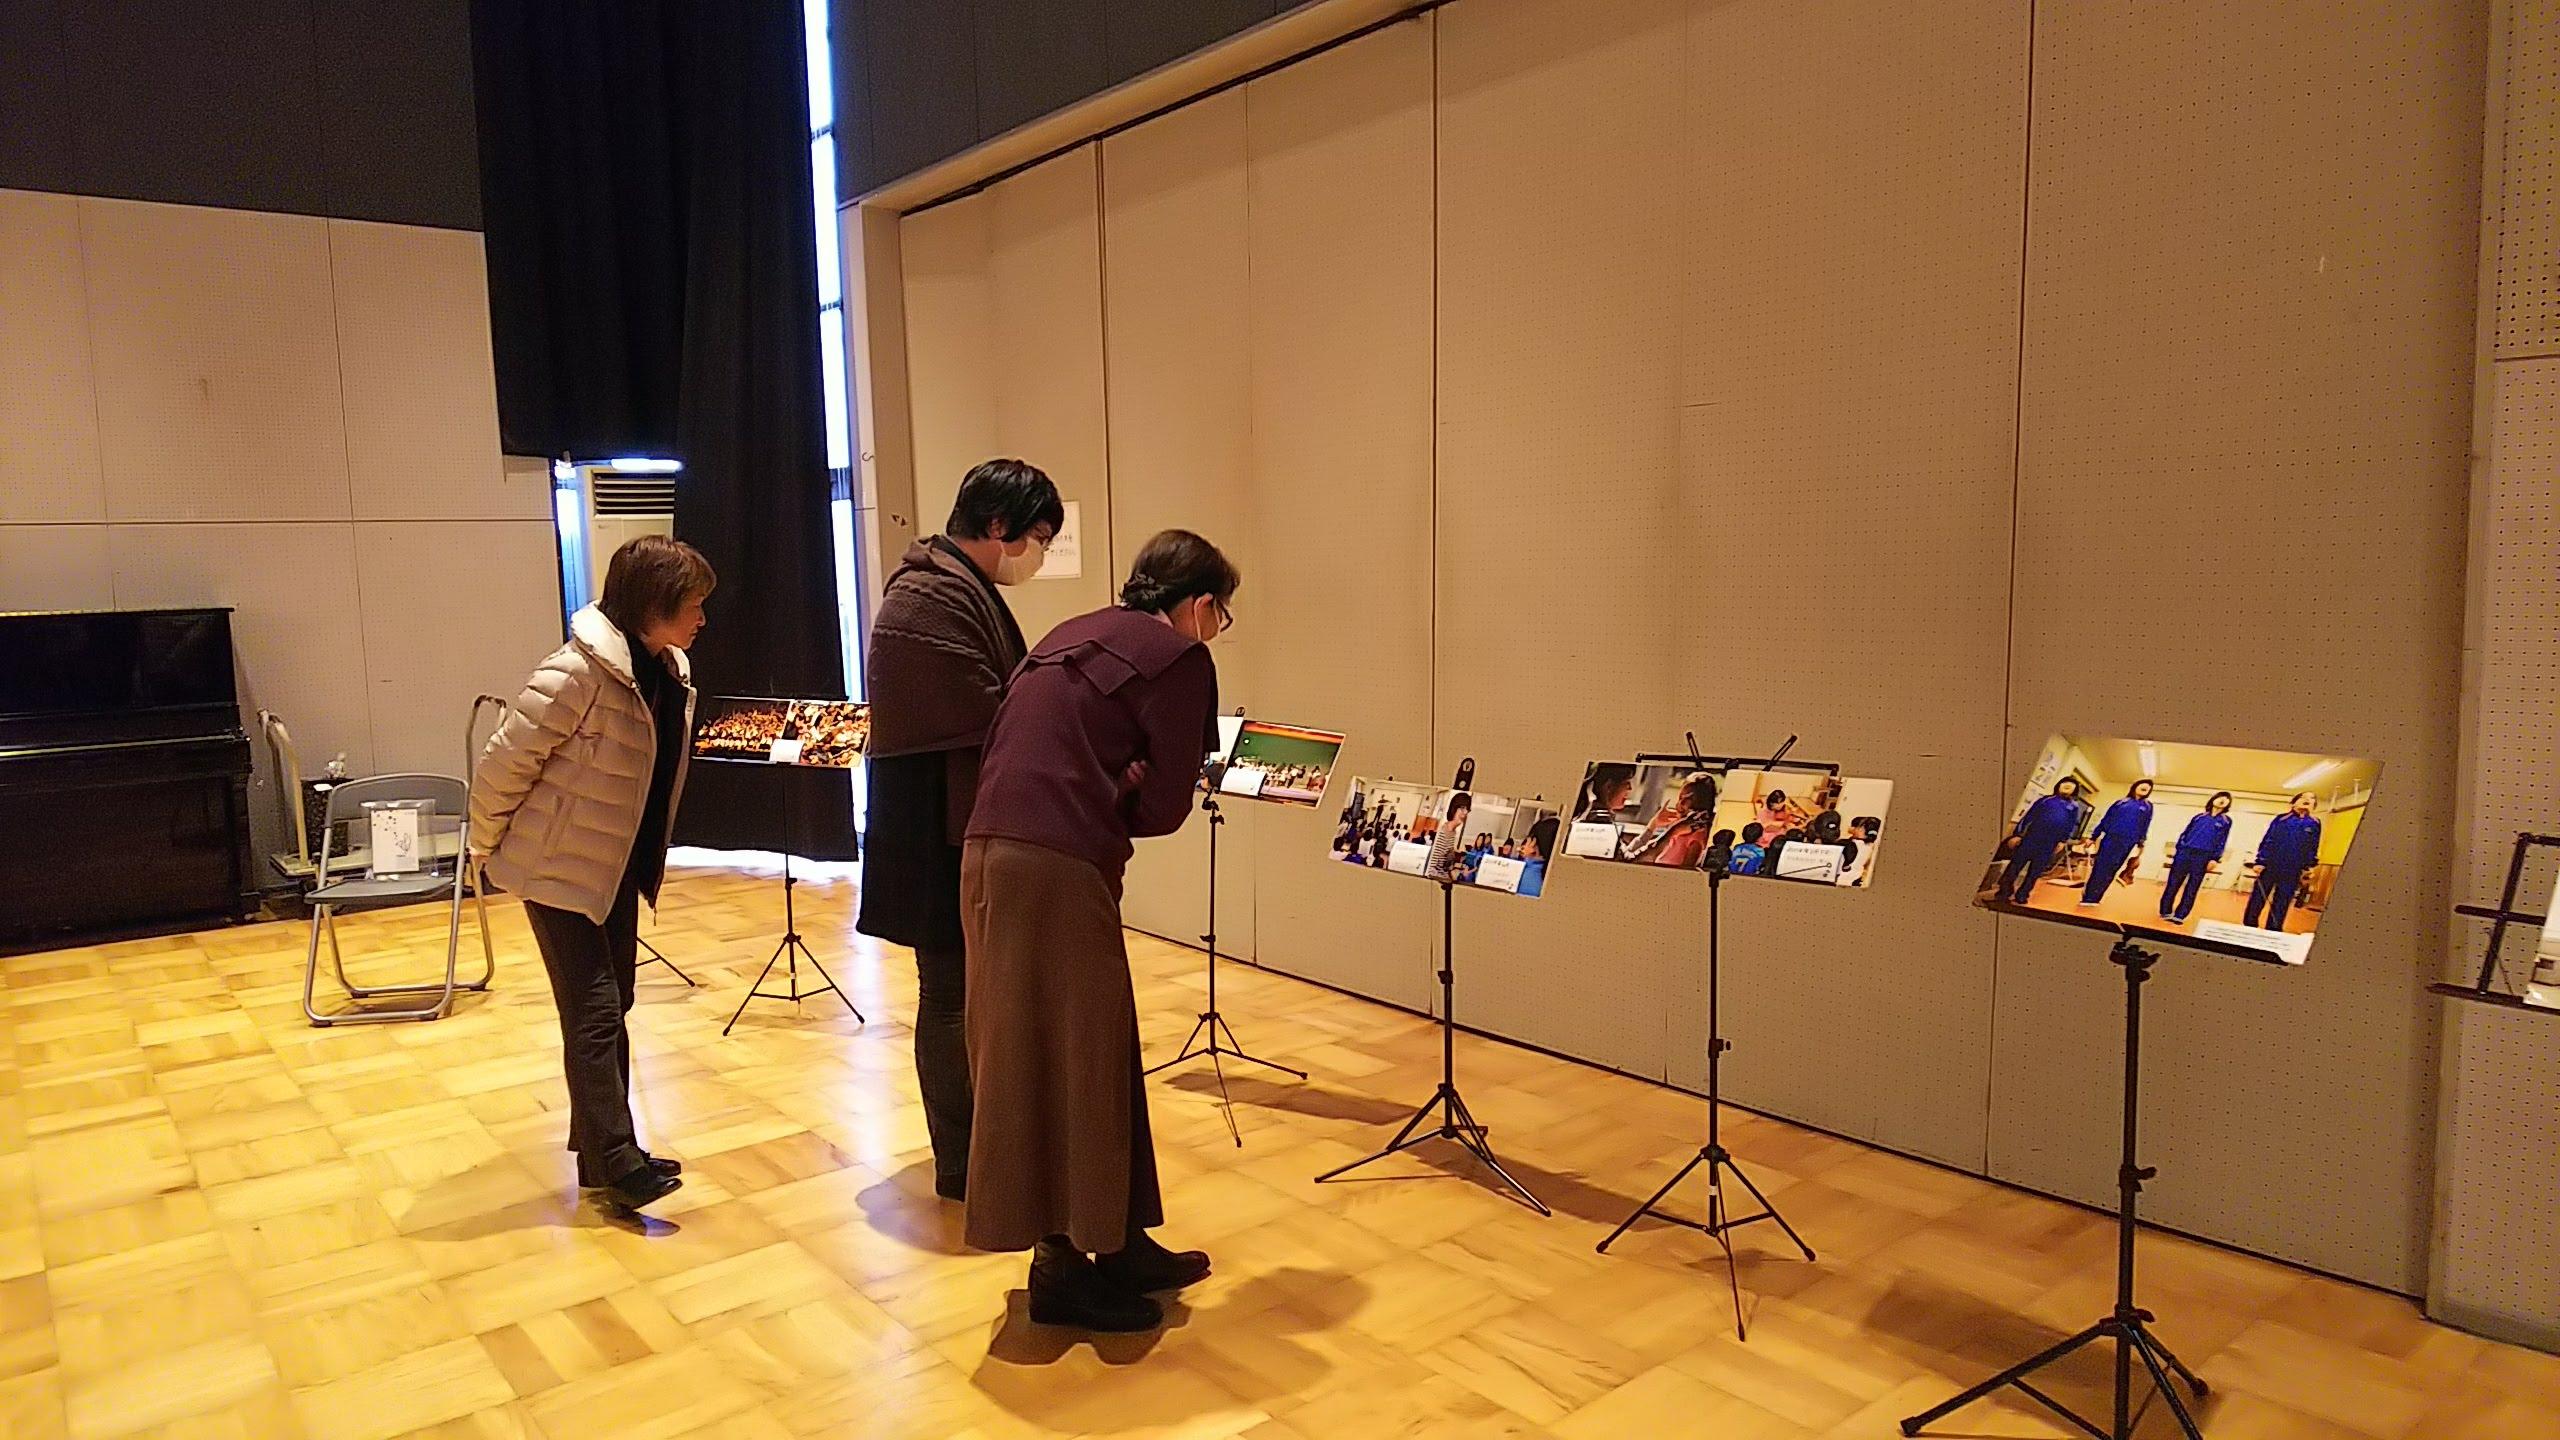 会場ではこれまでの活動を紹介する写真を展示しました